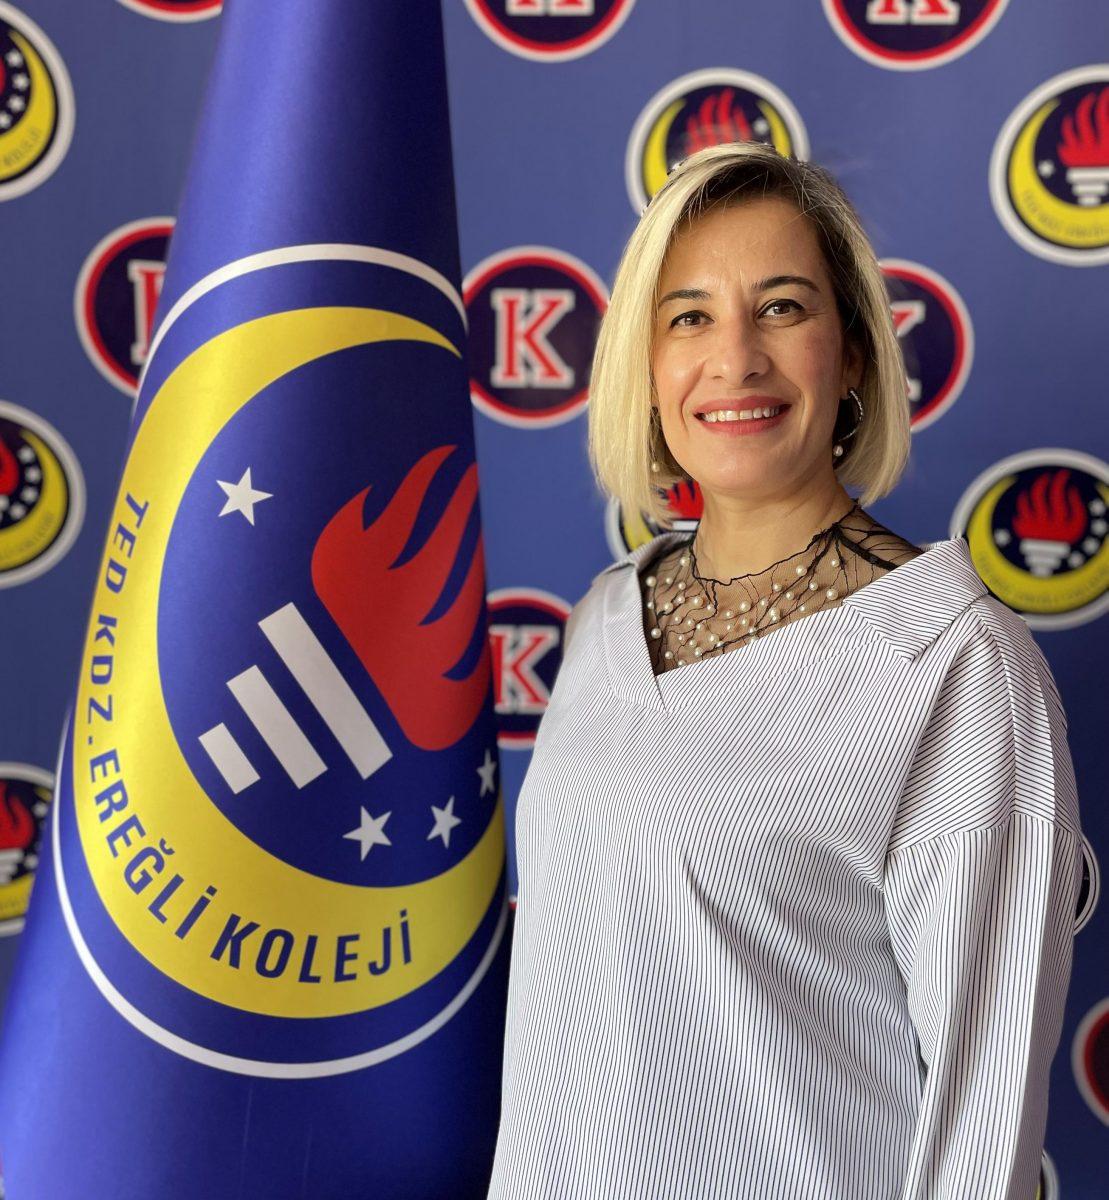 İlknur DİKMEN_